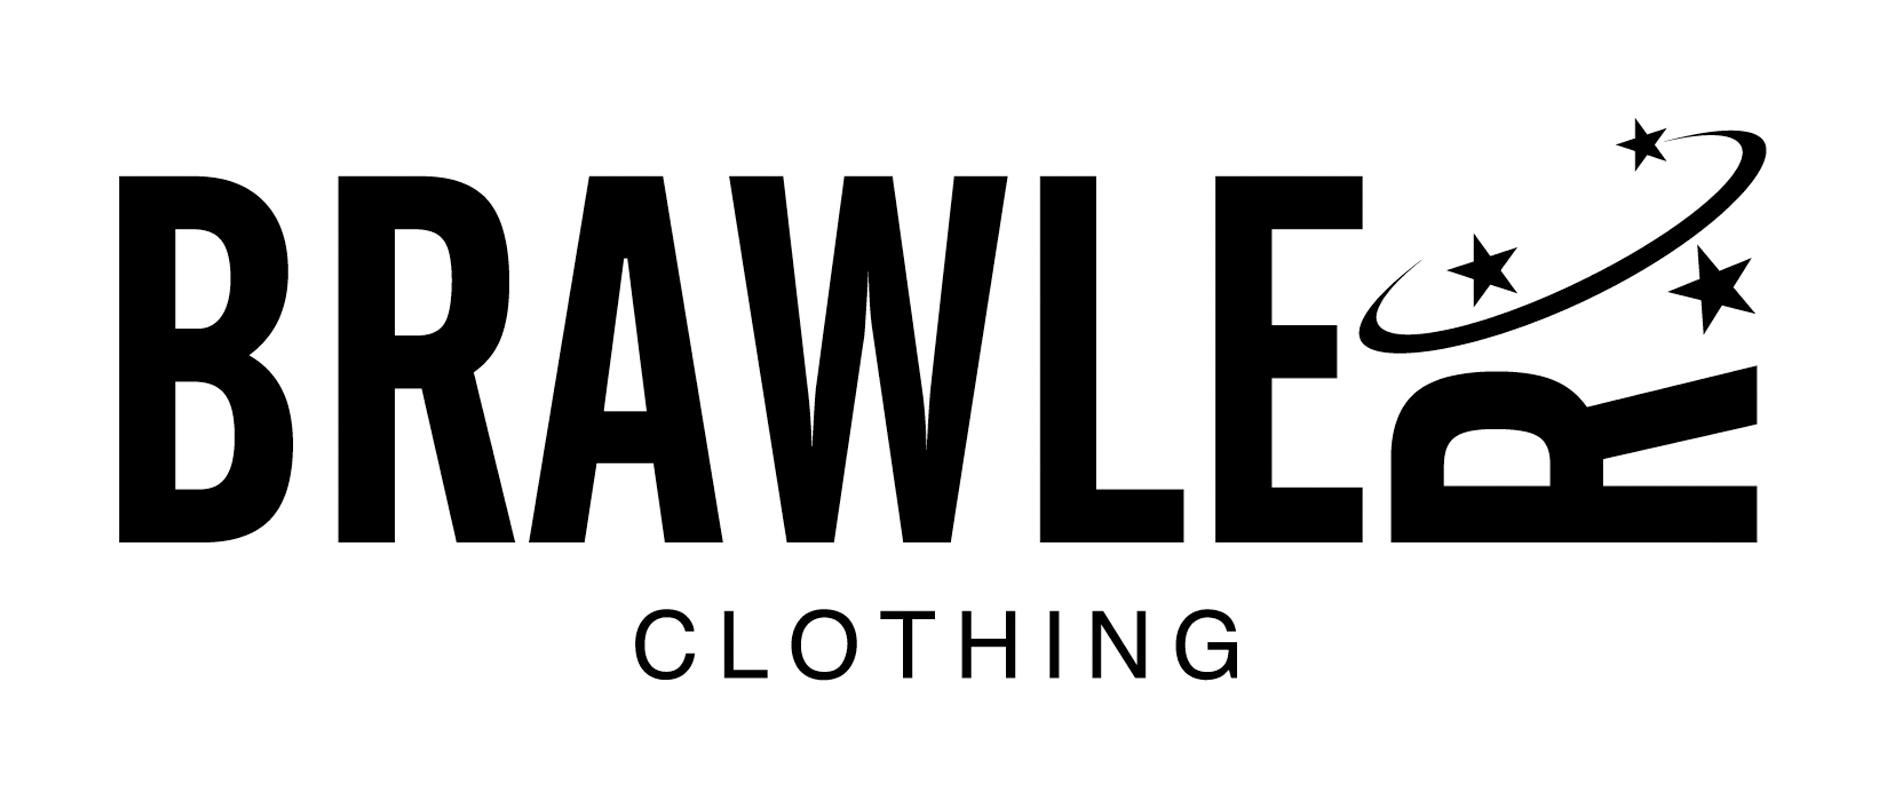 Identity for Newcastle based clothing company 'Brawler Clothing'.